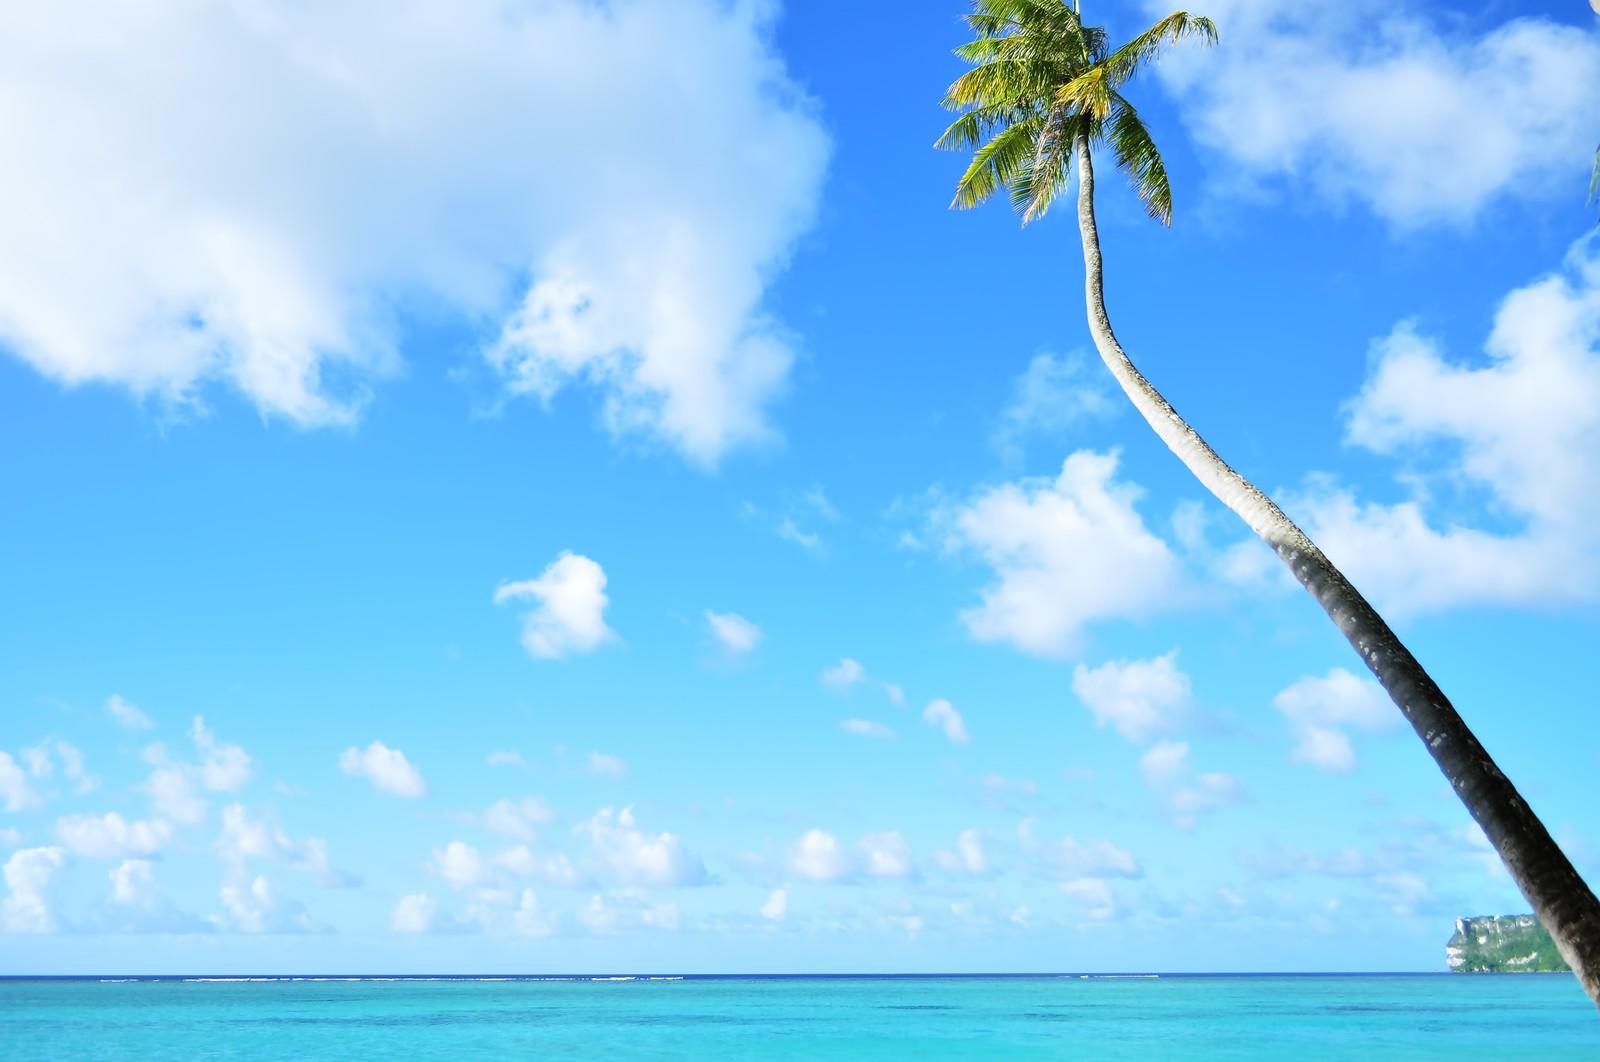 ハワイ諸島の主な島の名前を8つ紹介!火山の噴火でも有名?